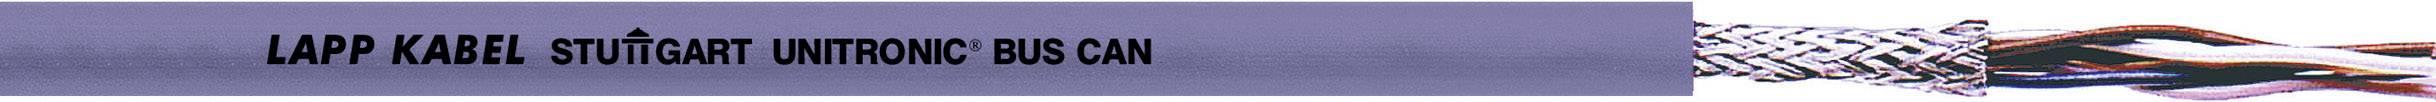 Zbernicový kábel LappKabel UNITRONIC® BUS 2170261, vnější Ø 7.60 mm, fialová, metrový tovar